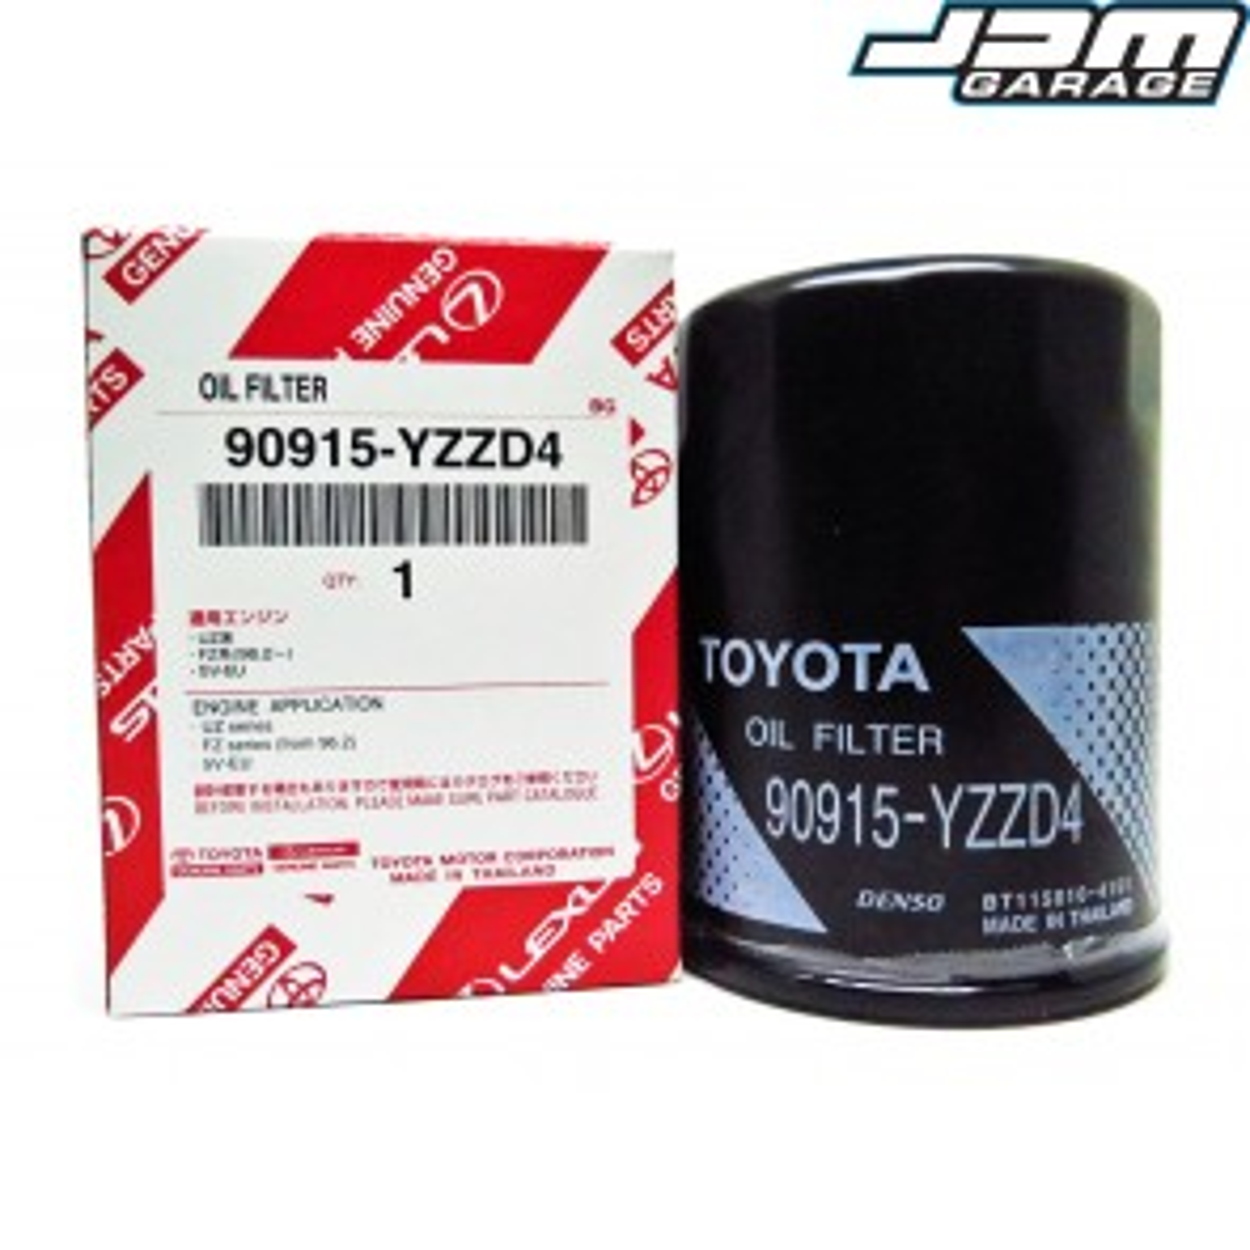 Genuine Oil Filter Fits Toyota Supra MK4 JZA80 / Cresta / Chaser / Mark II / Lexus IS300 / GS300 1JZ 2JZ-GE/GTE 90915-YZZD4